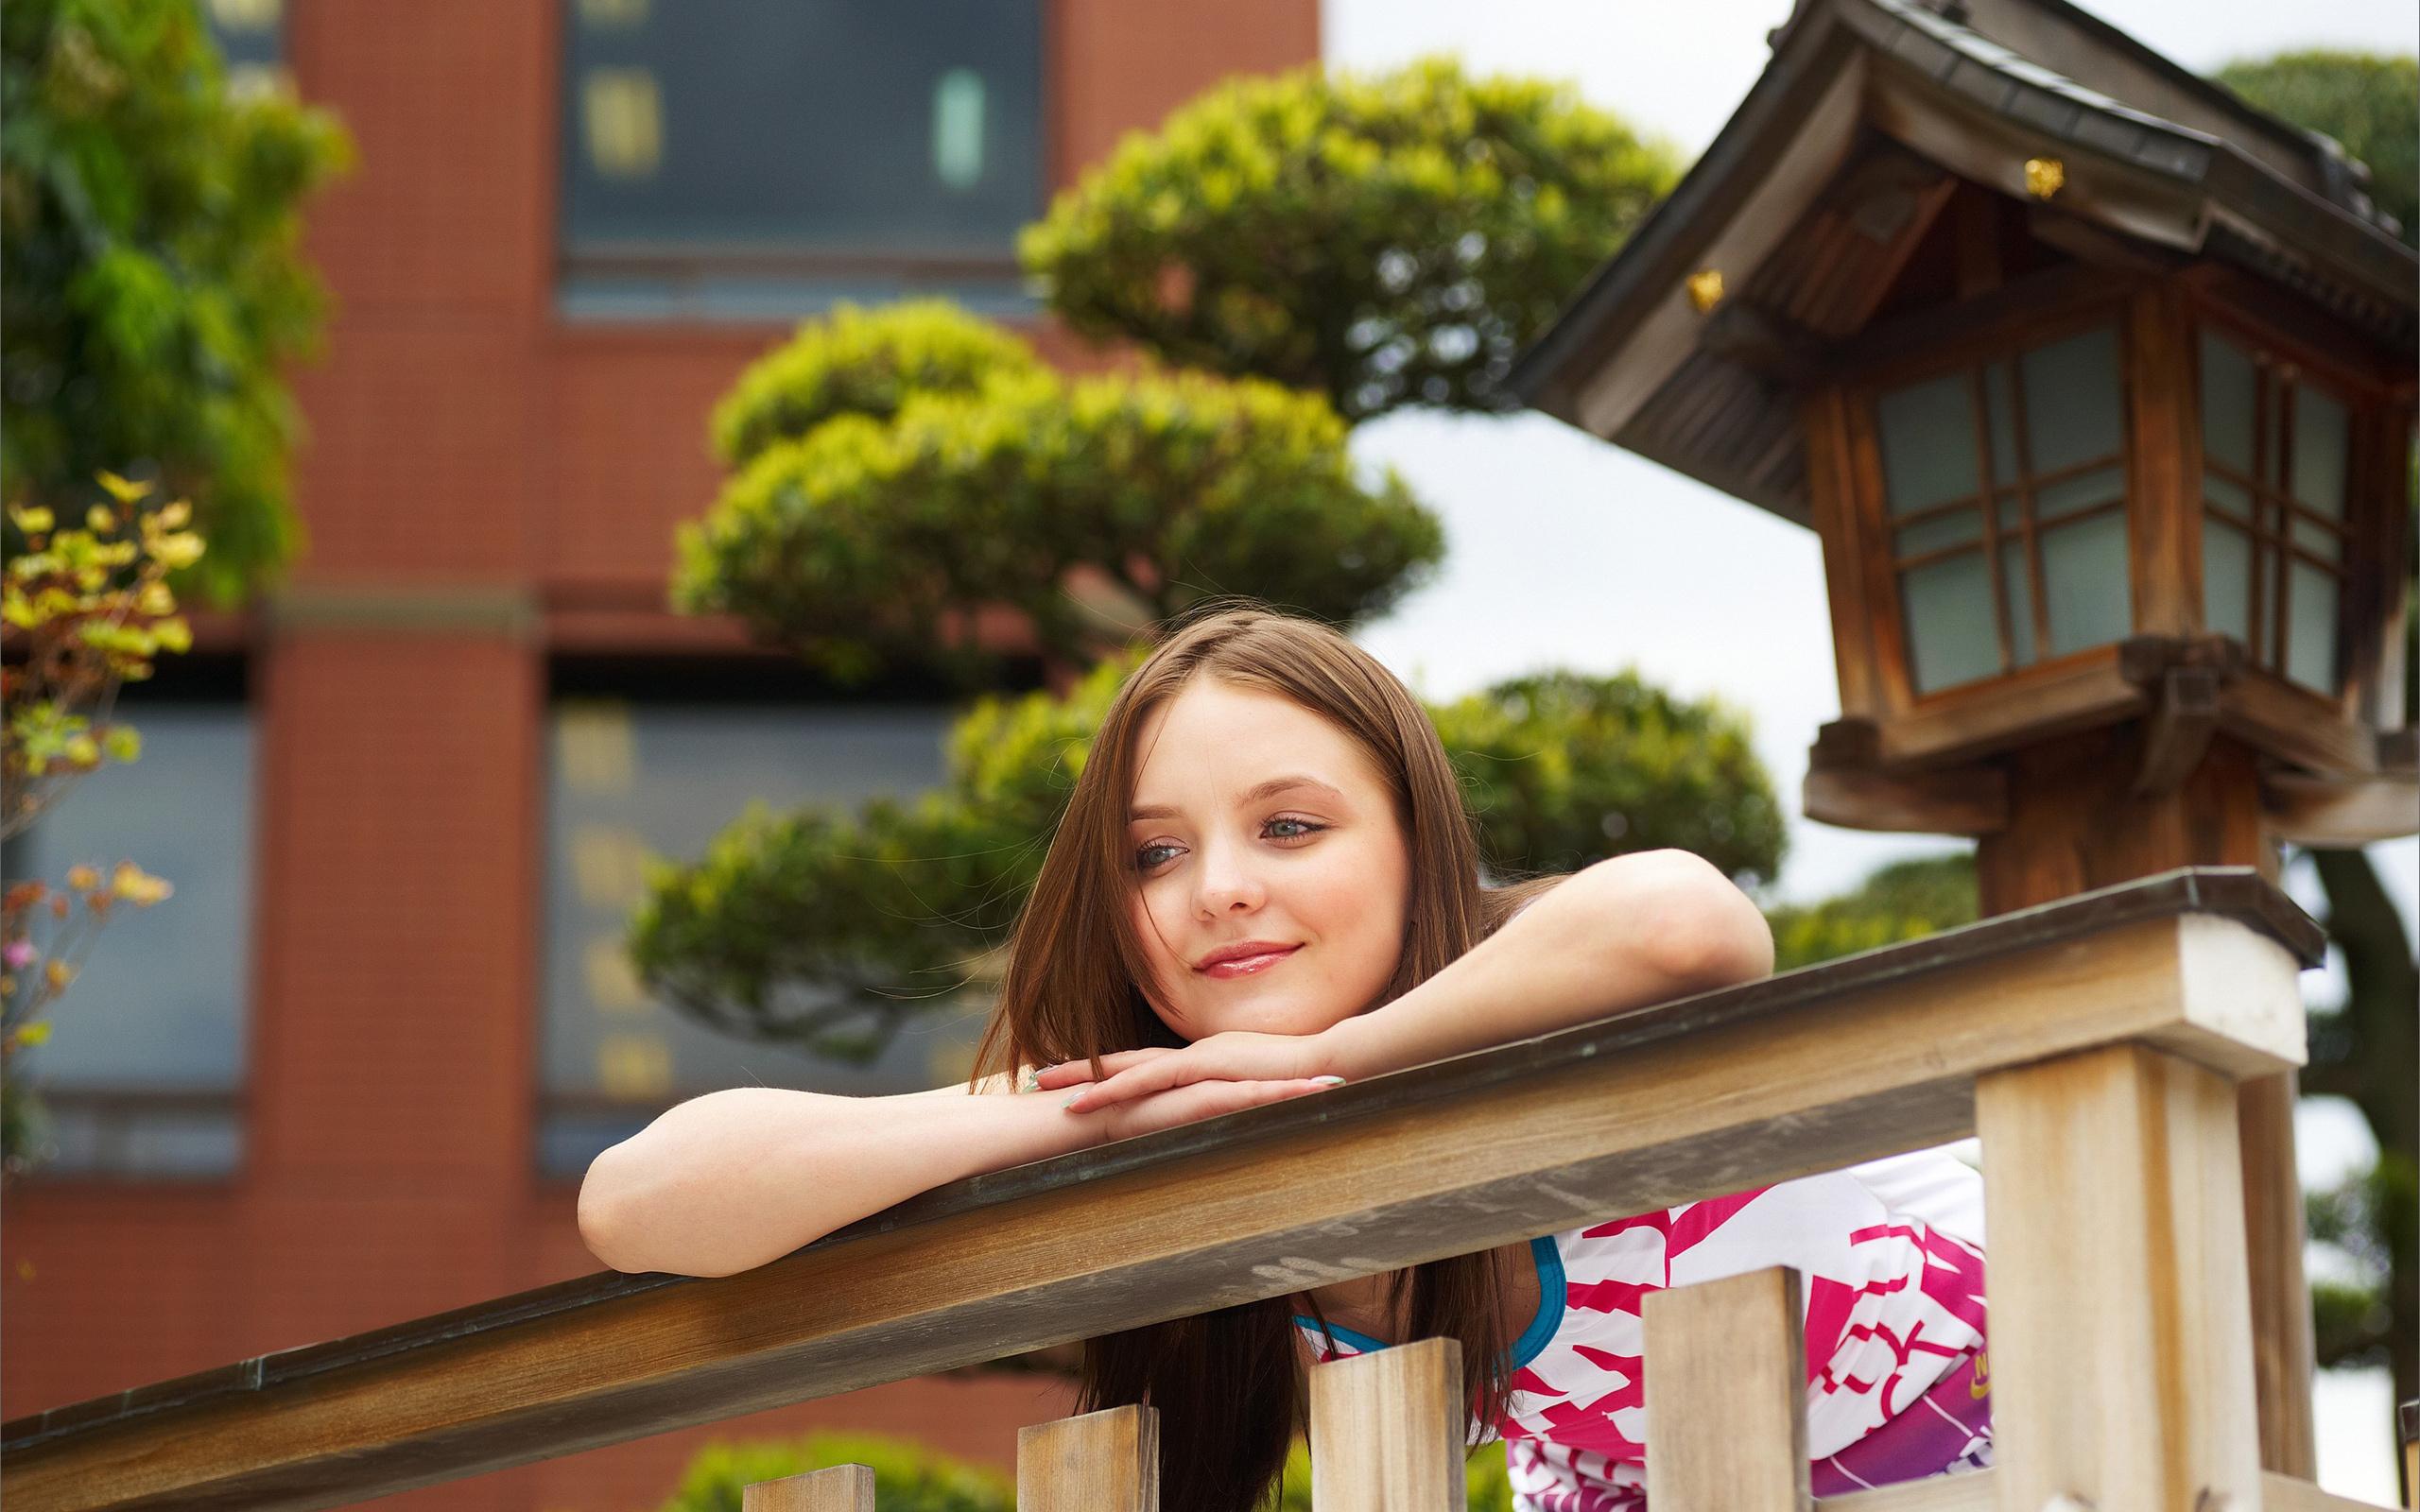 Балкон фото девушек